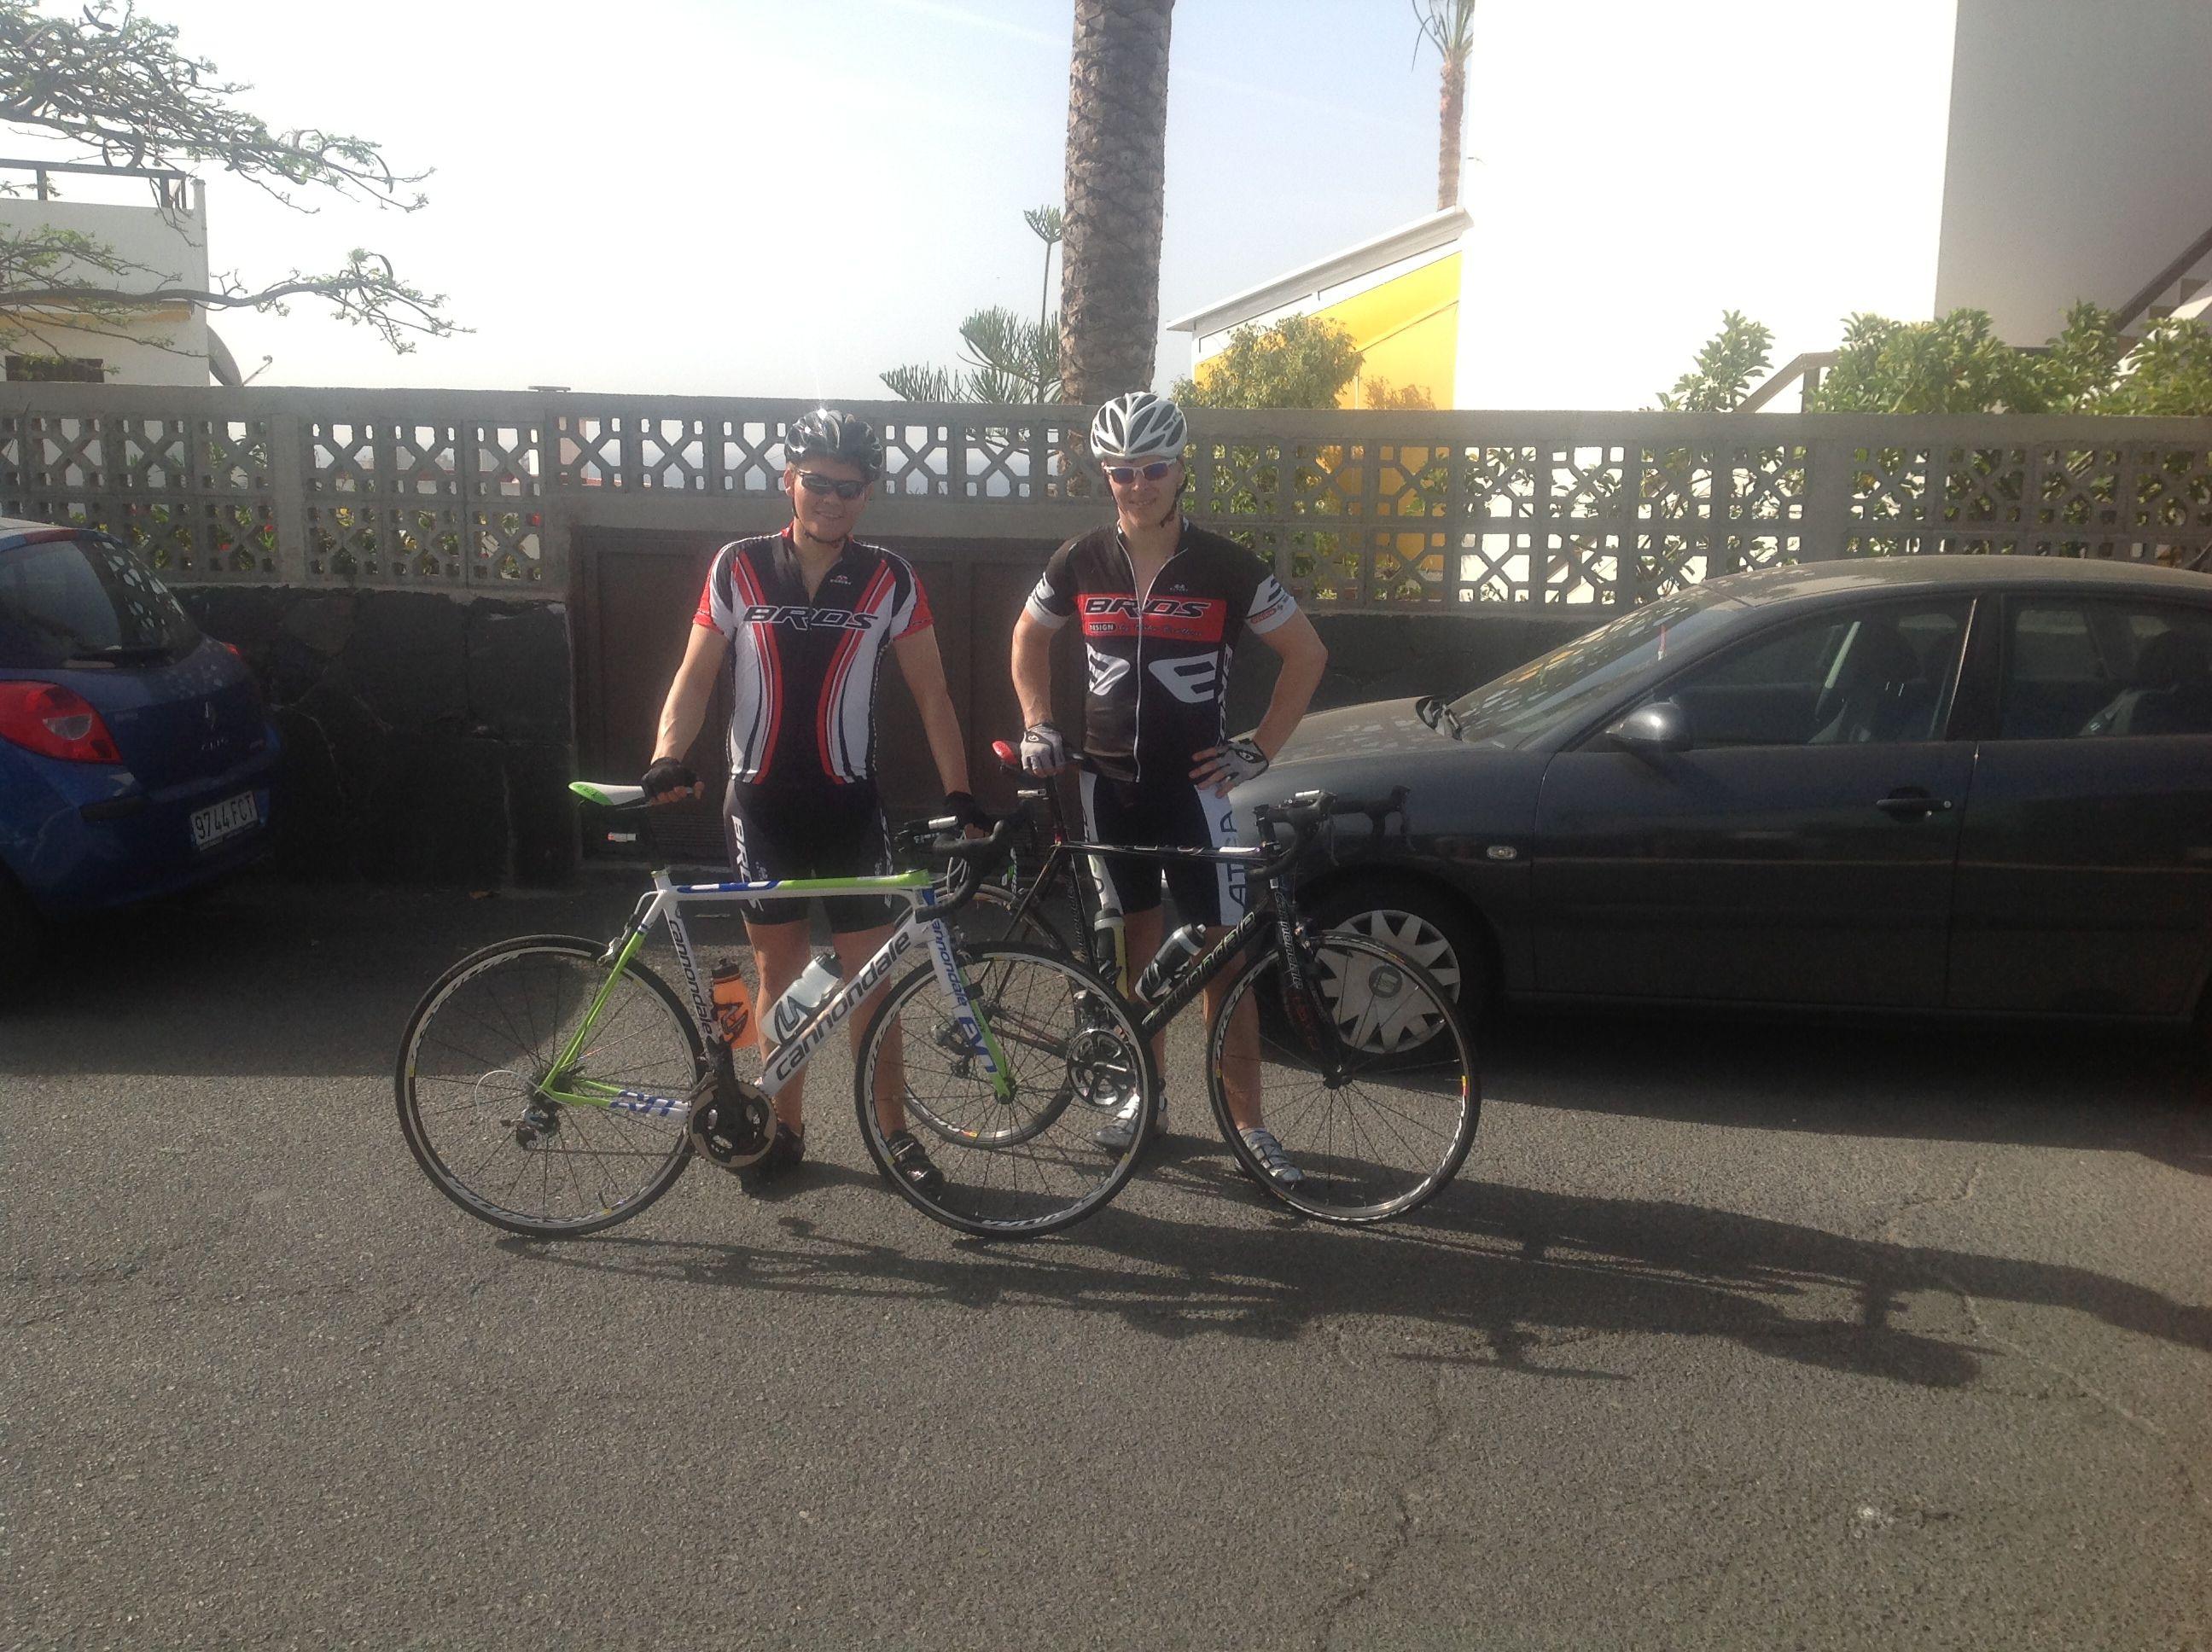 Gran Canaria – Dag 1: Endelig er dagen for treningsferie her!